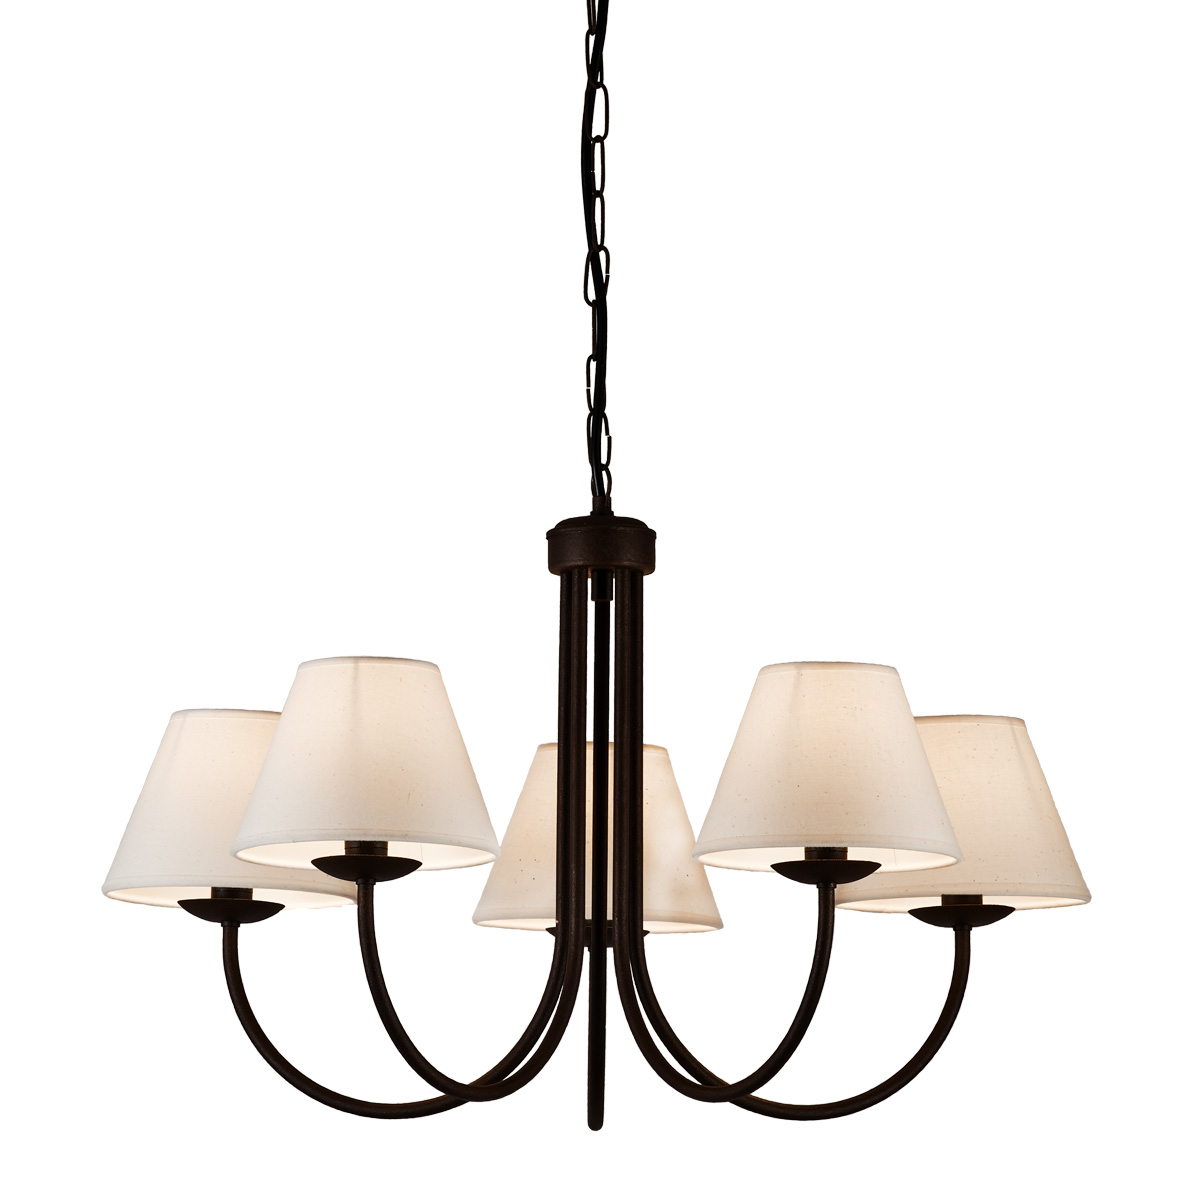 Φωτιστικό πατίνα γραφίτη με εκρού καπέλα BIANCO-2 graphite patinated chandelier with ecru shades